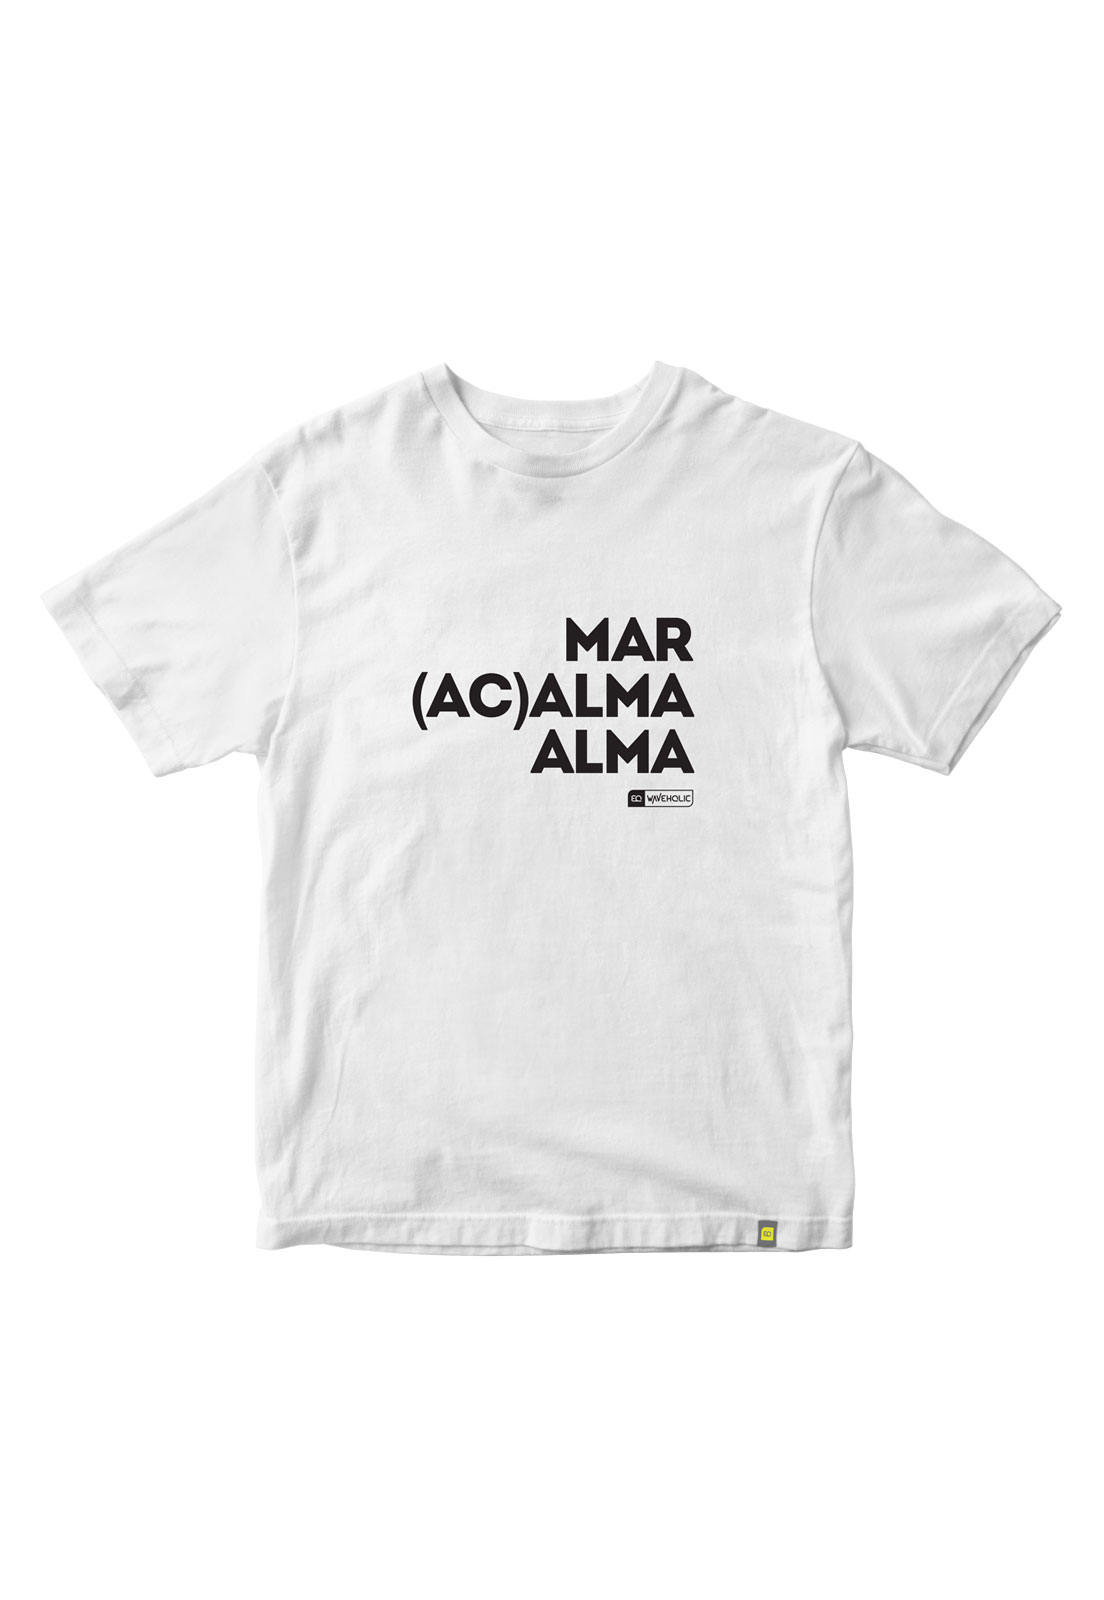 Camiseta com frase mar acalma a alma preta ou branca